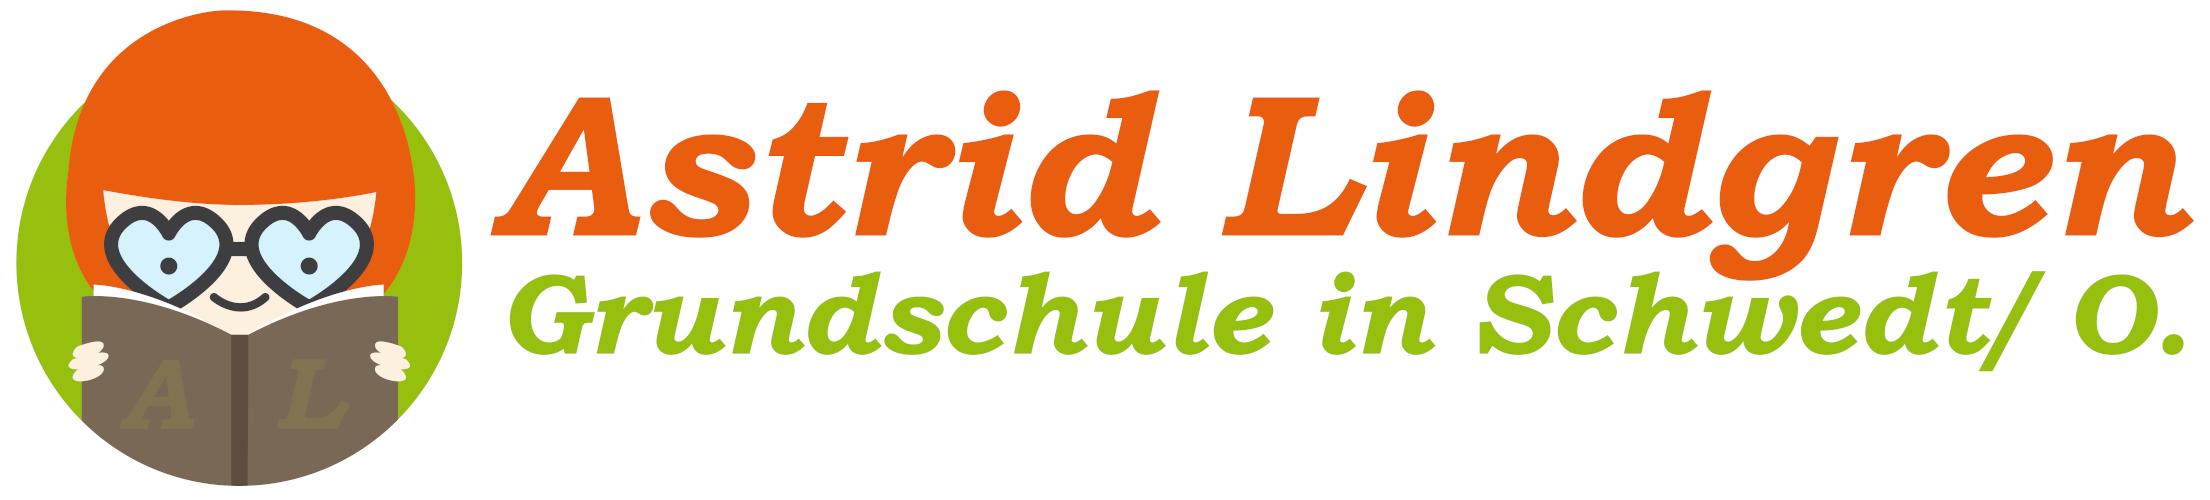 Astrid Lindgren Grundschule Schwedt